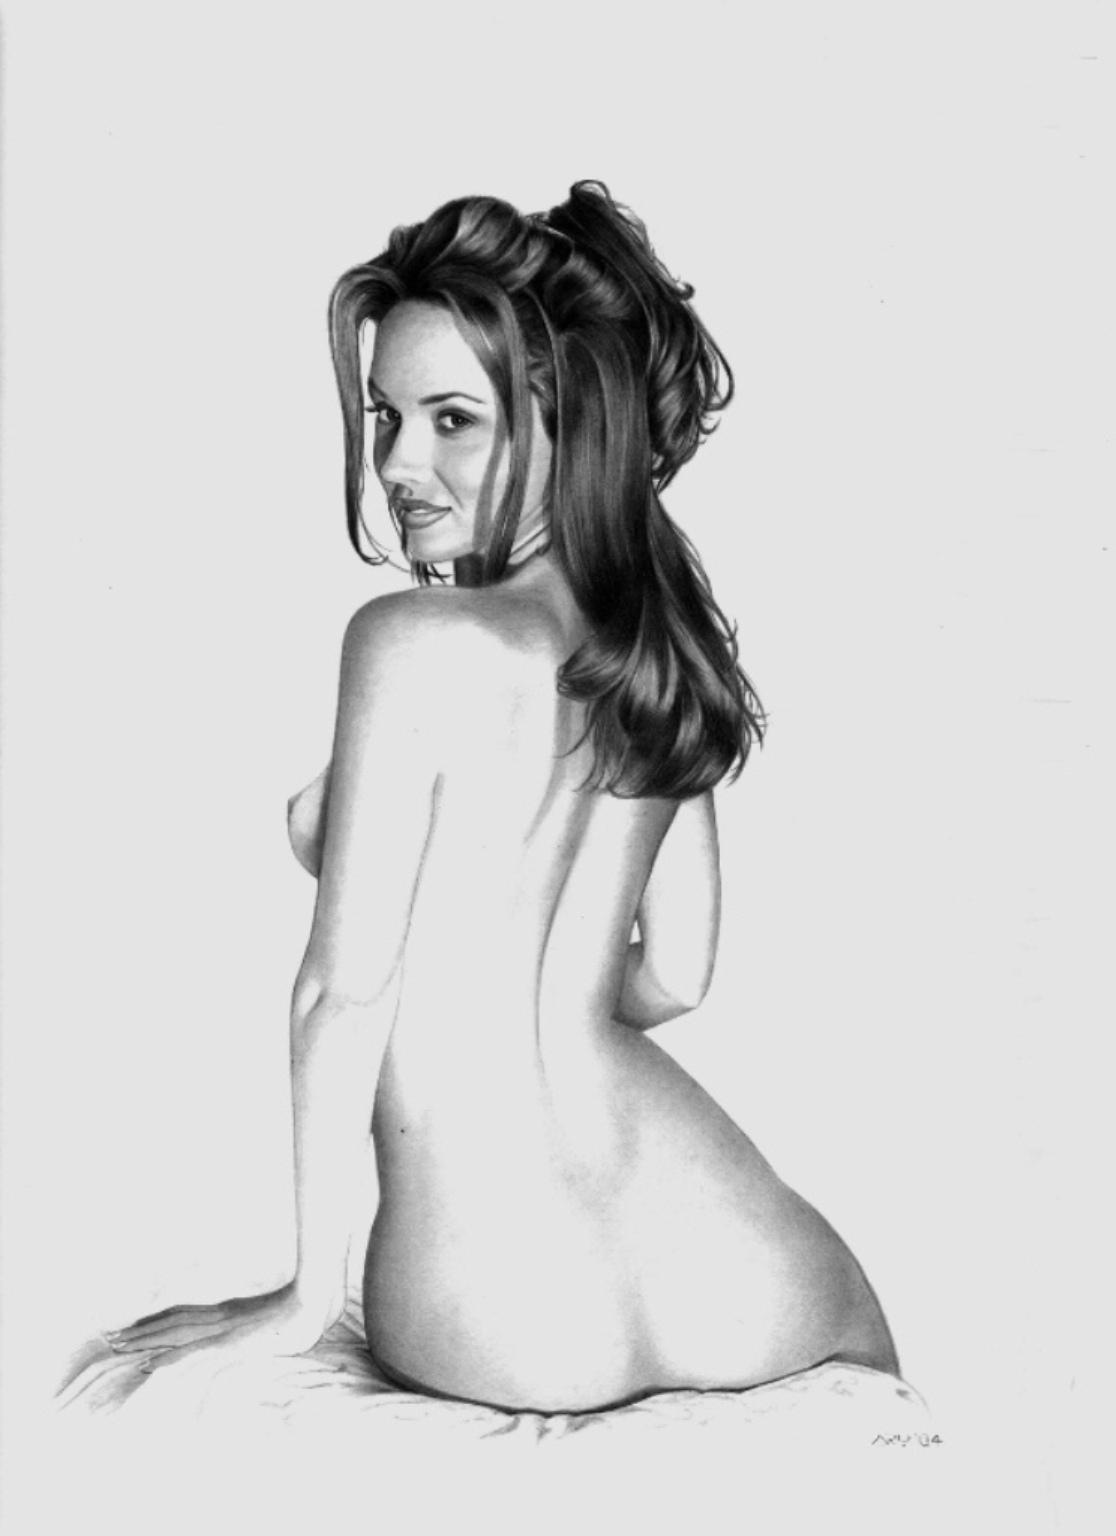 Рисунки на голых телах девушек 3 фотография